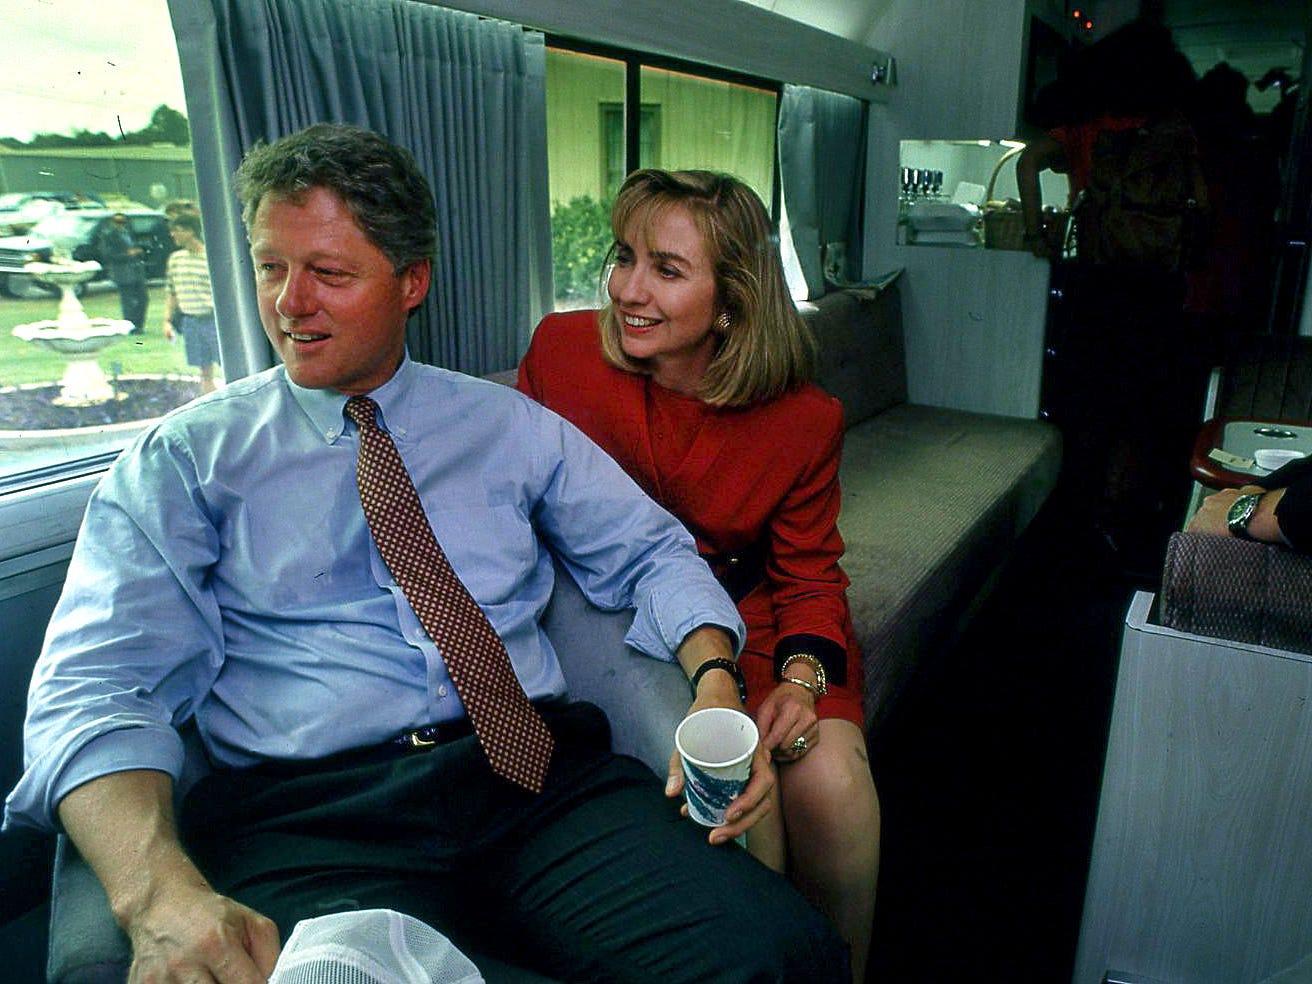 Bill Clinton, and Hillary, during a campaign bus trip through South Georgia near Valdosta Sept. 24, 1992.